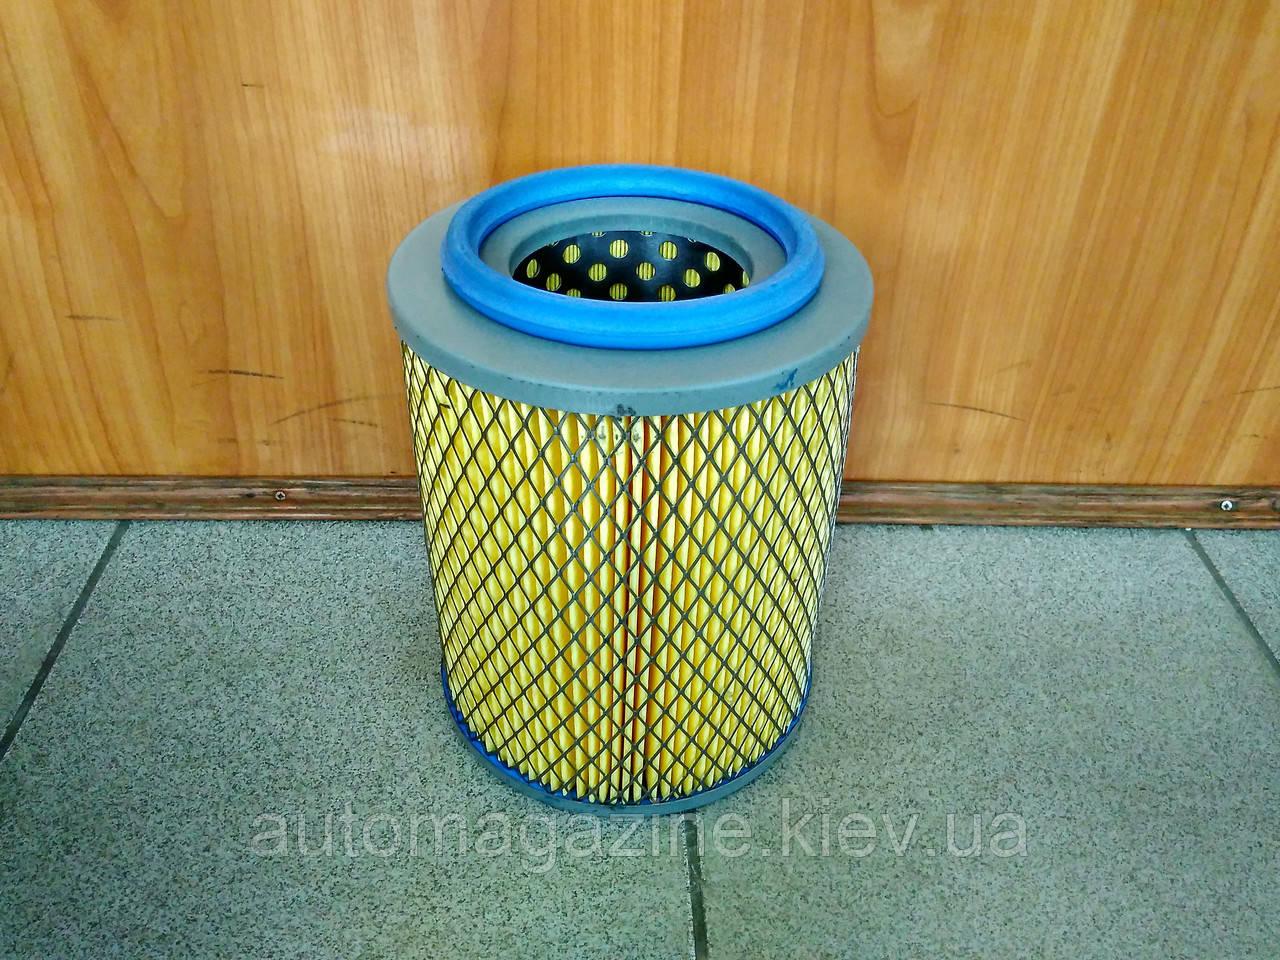 Фильтр воздушный для Газель, Соболь, УАЗ (инжектор)